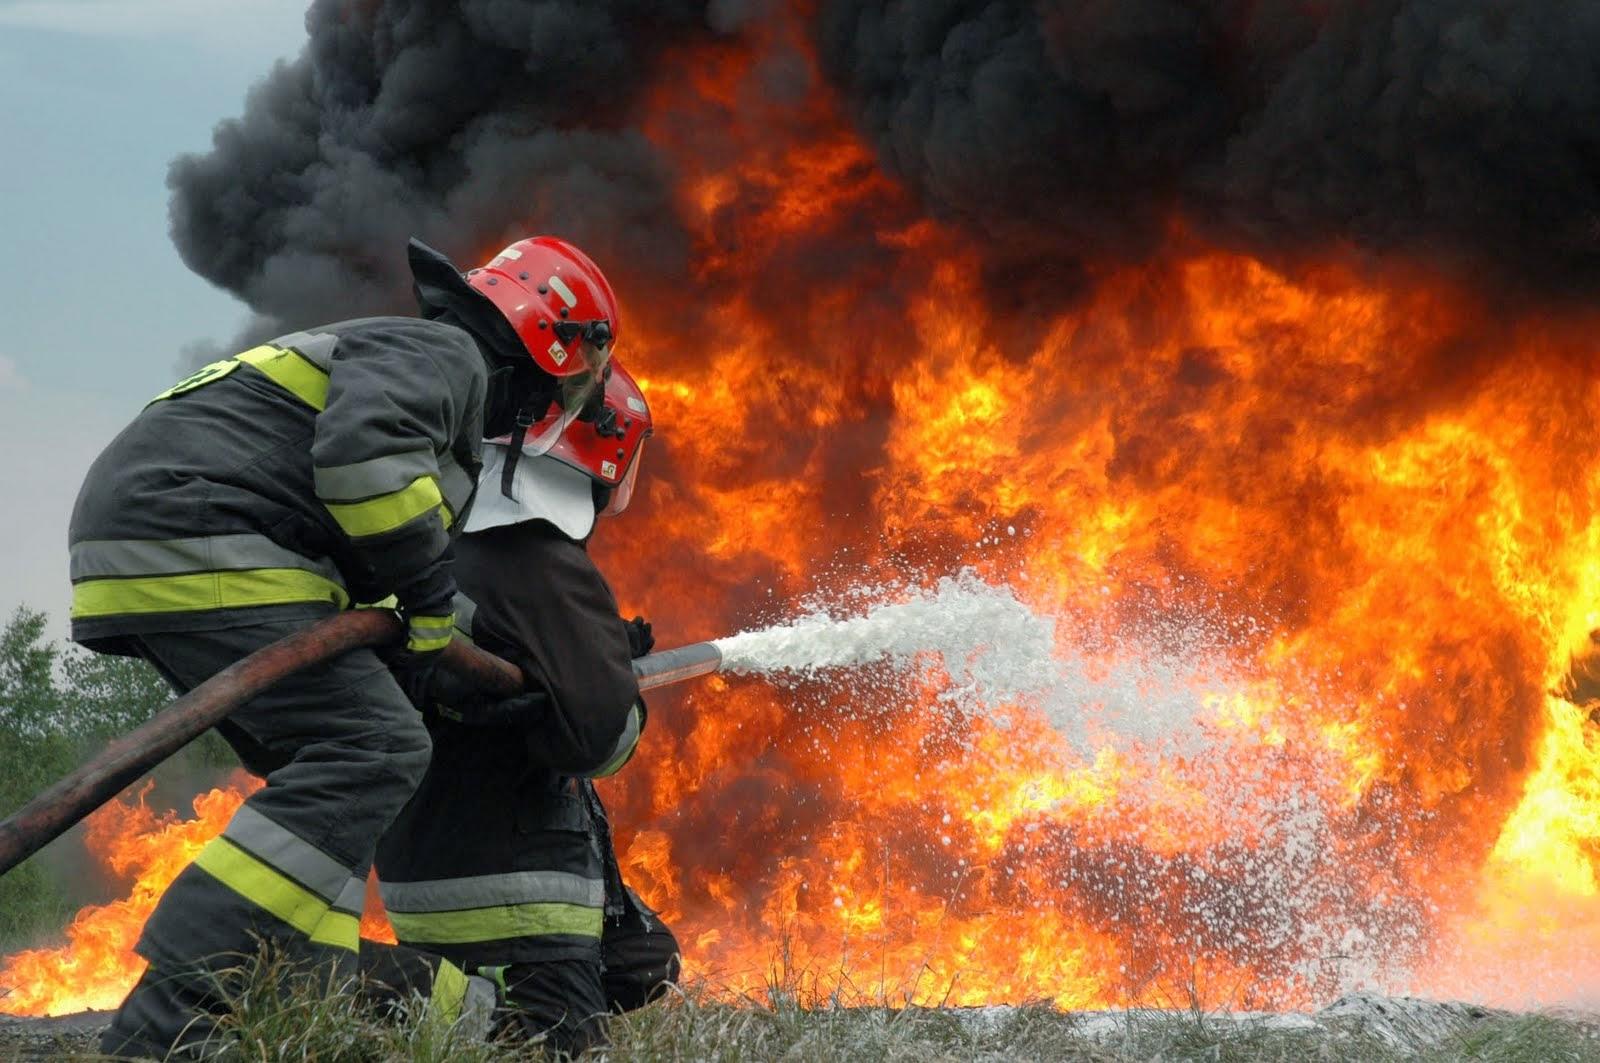 Συνεργασία της Πυροσβεστικής με το ΤΕΙ ΑΜΘ για την εκπαίδευση στελεχών